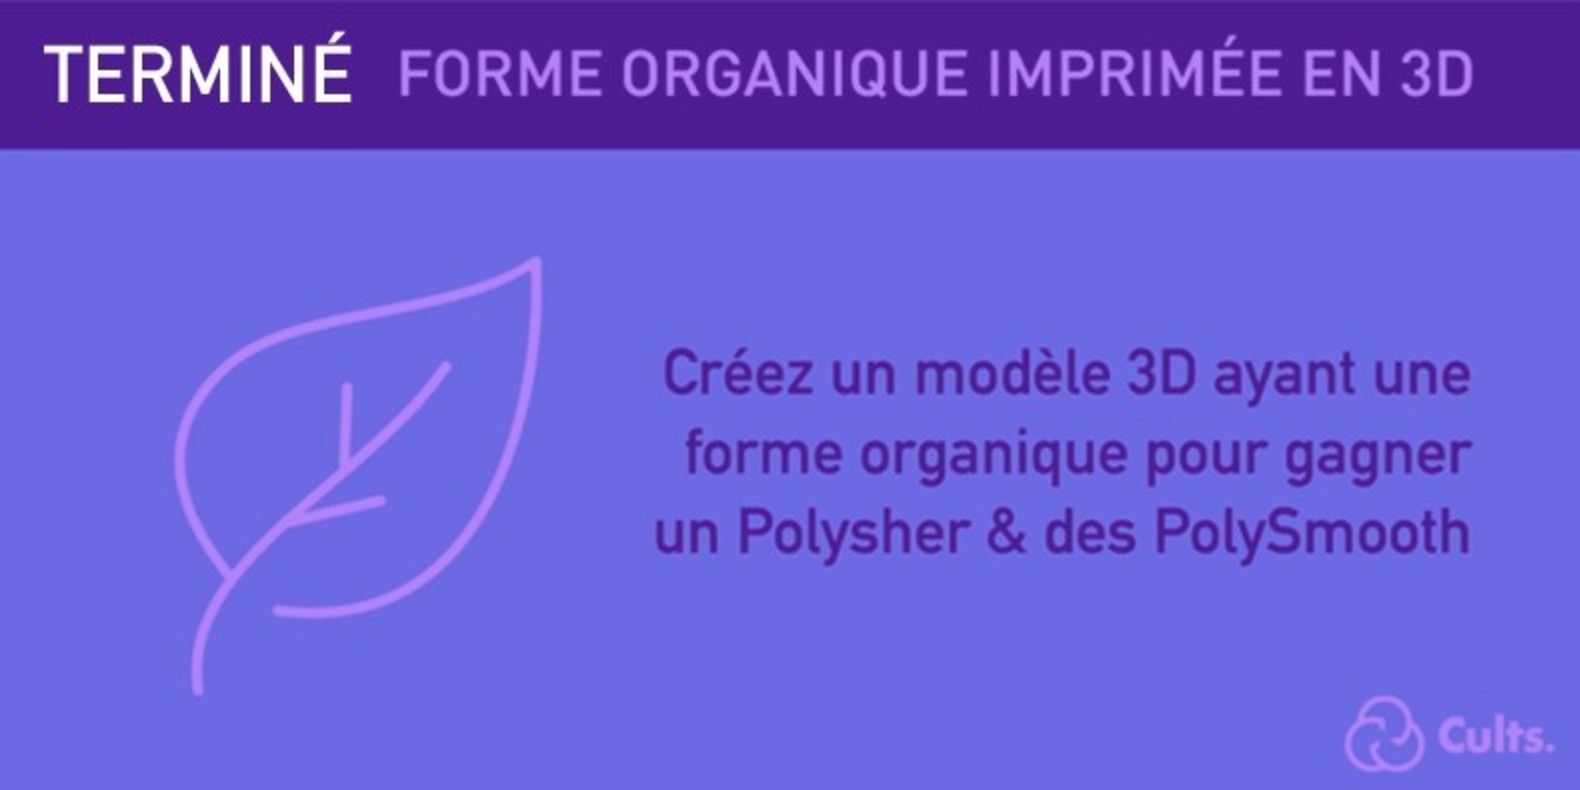 Le challenge du design et de l'impression 3D autour des formes organiques